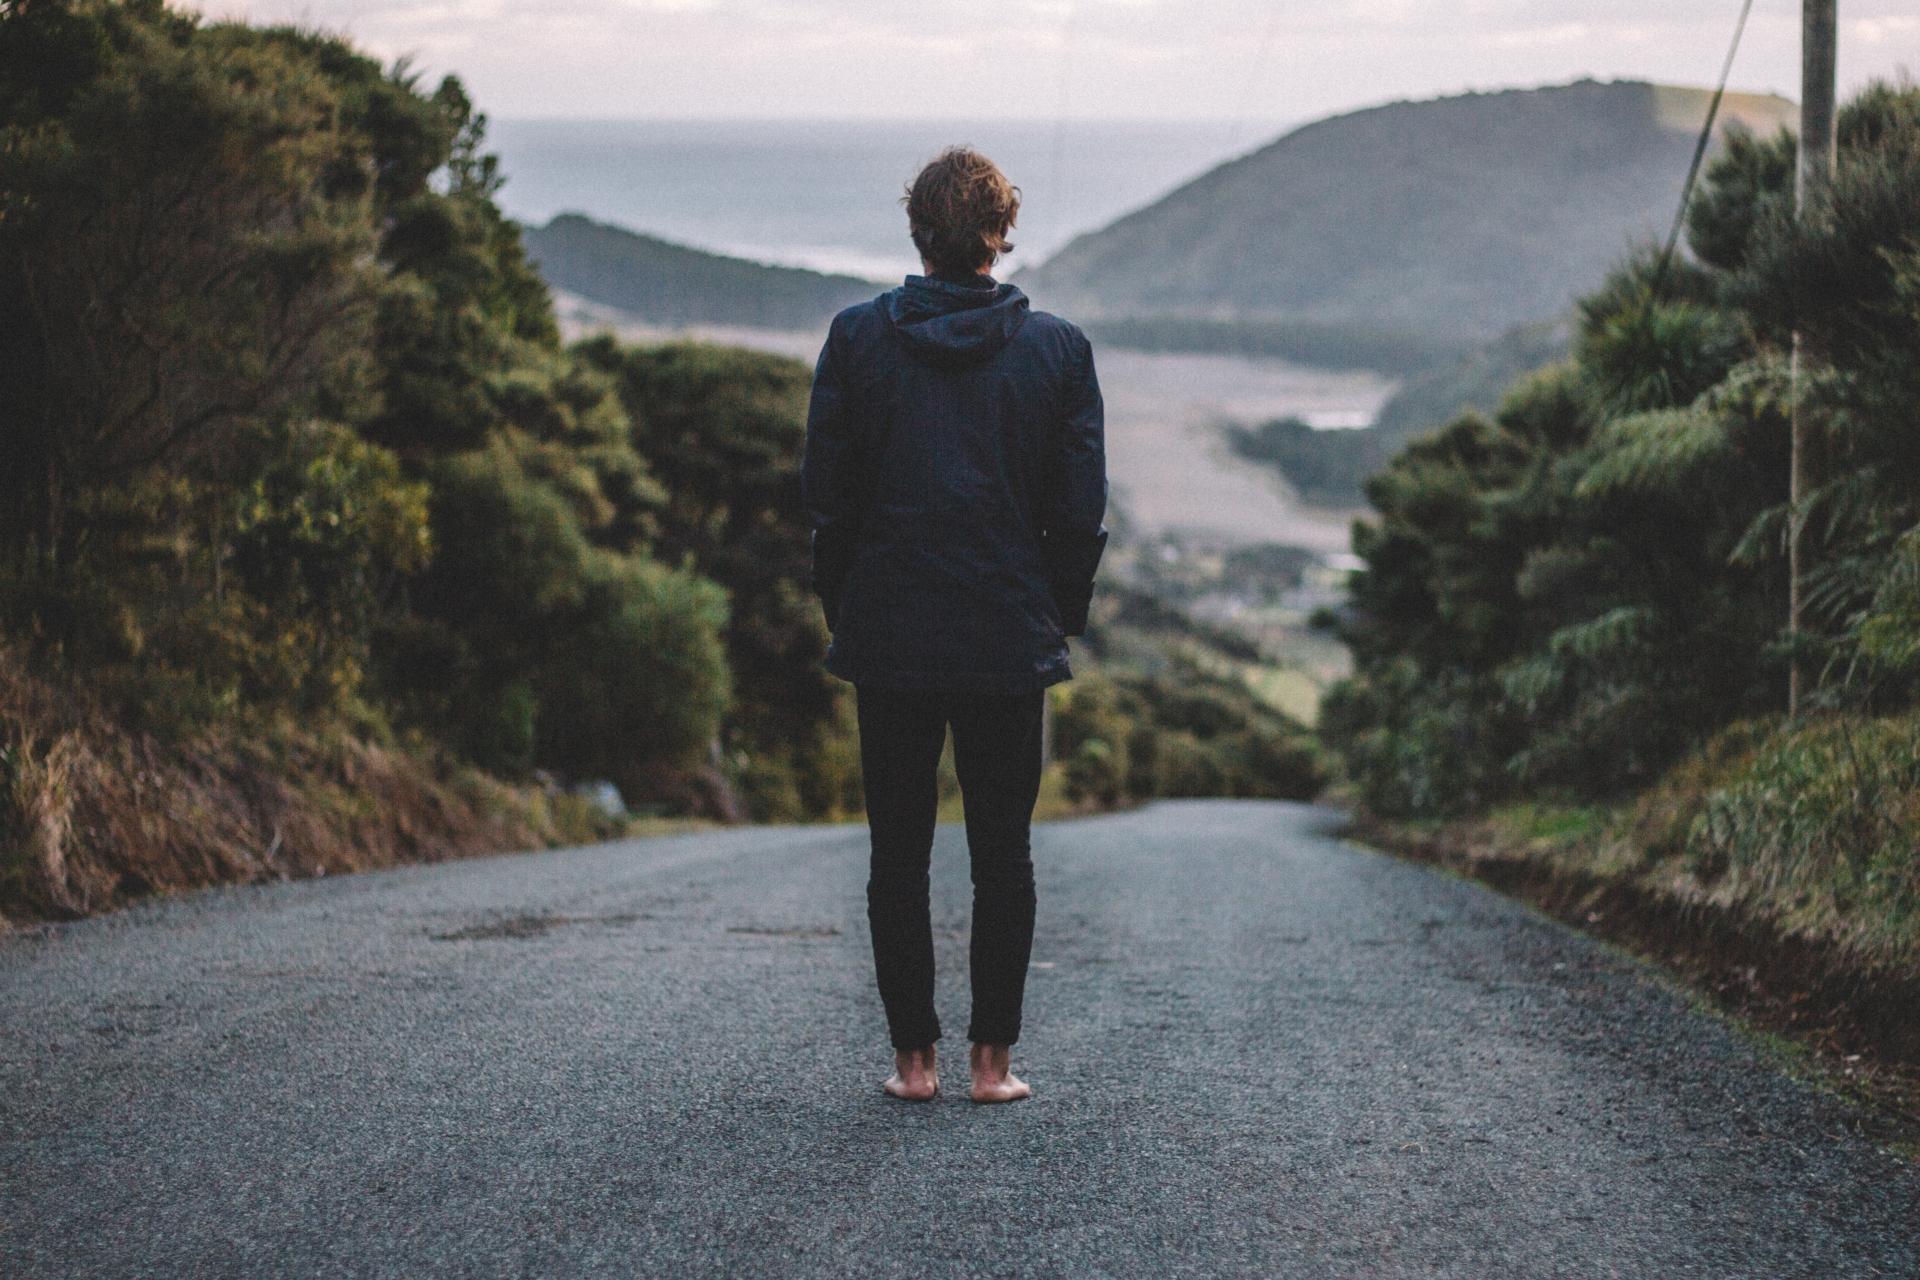 Sognare Di Camminare Scalzi tutti i benefici del camminare a piedi nudi  ma